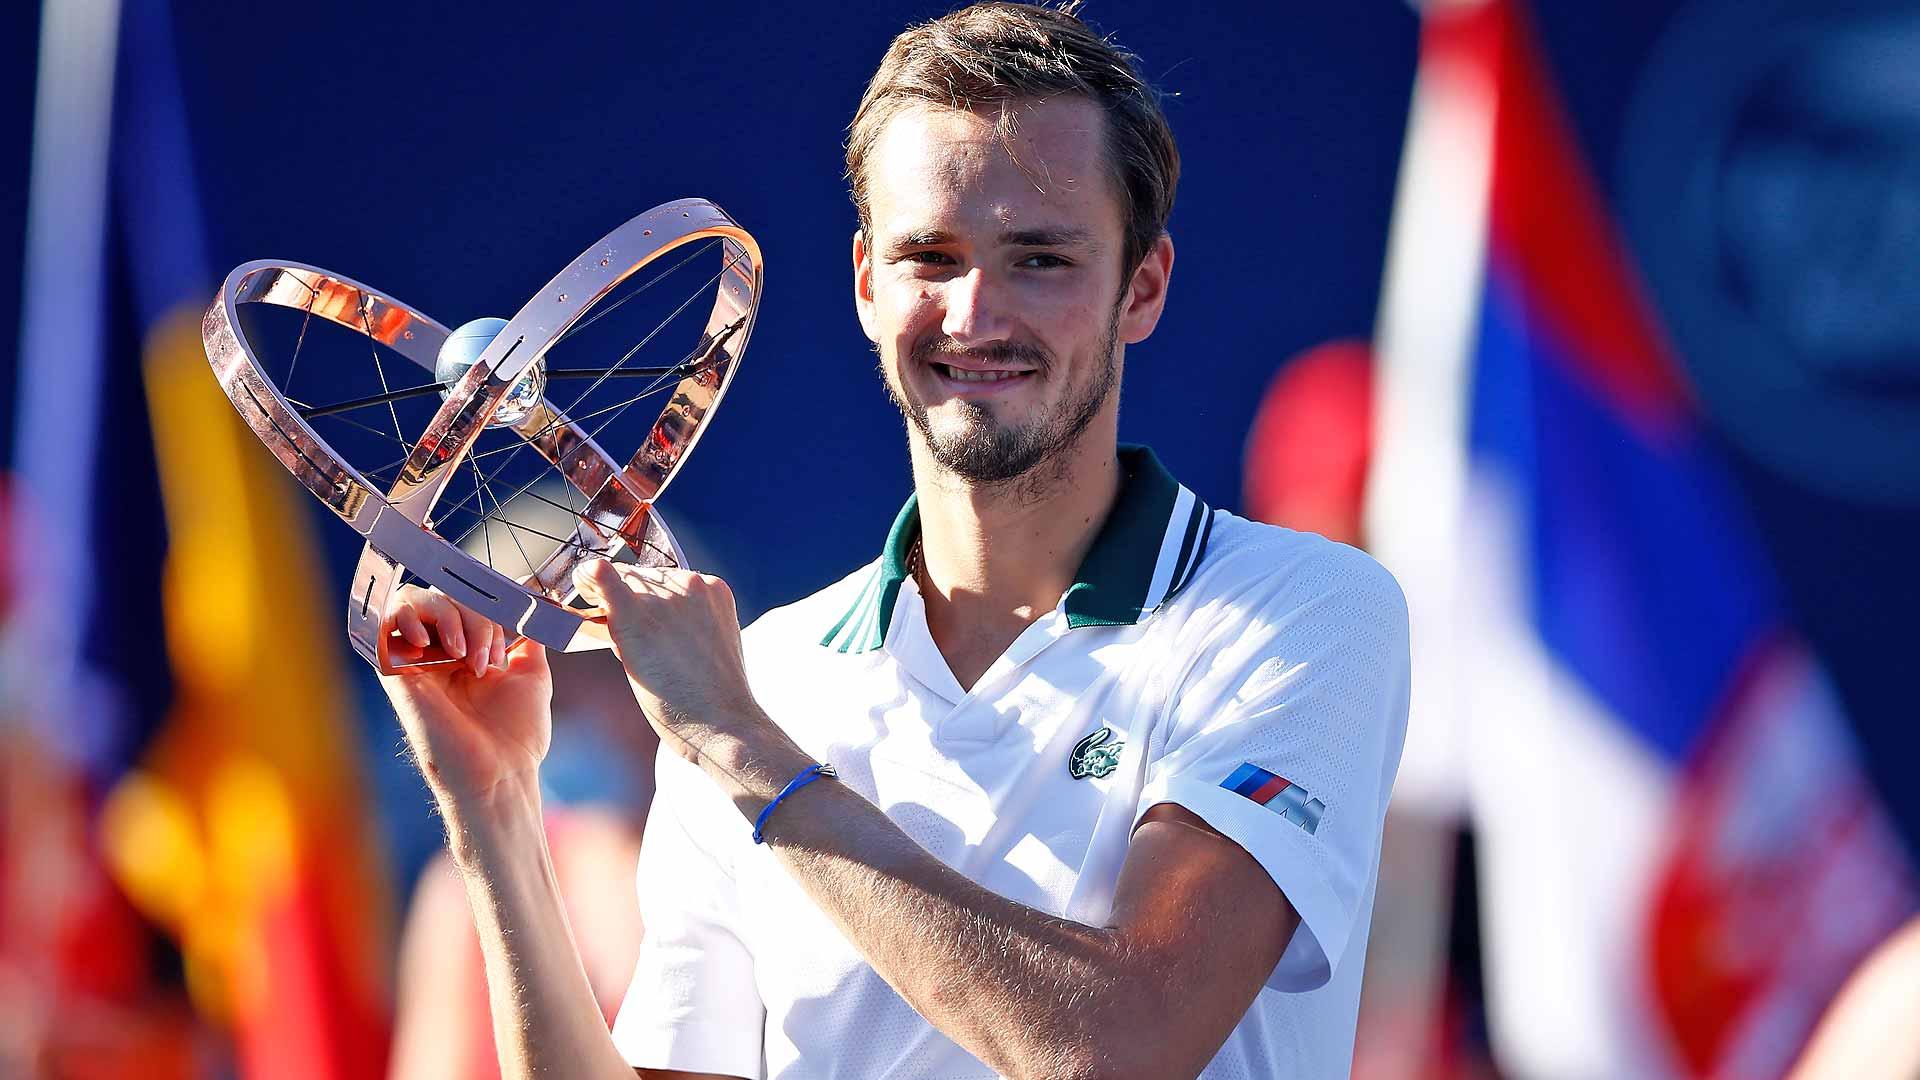 medvedev toronto 2021 trophy - ATP Toronto: Medvedev novi šampion, Opelka igral izvrstno, a Rus je našel način